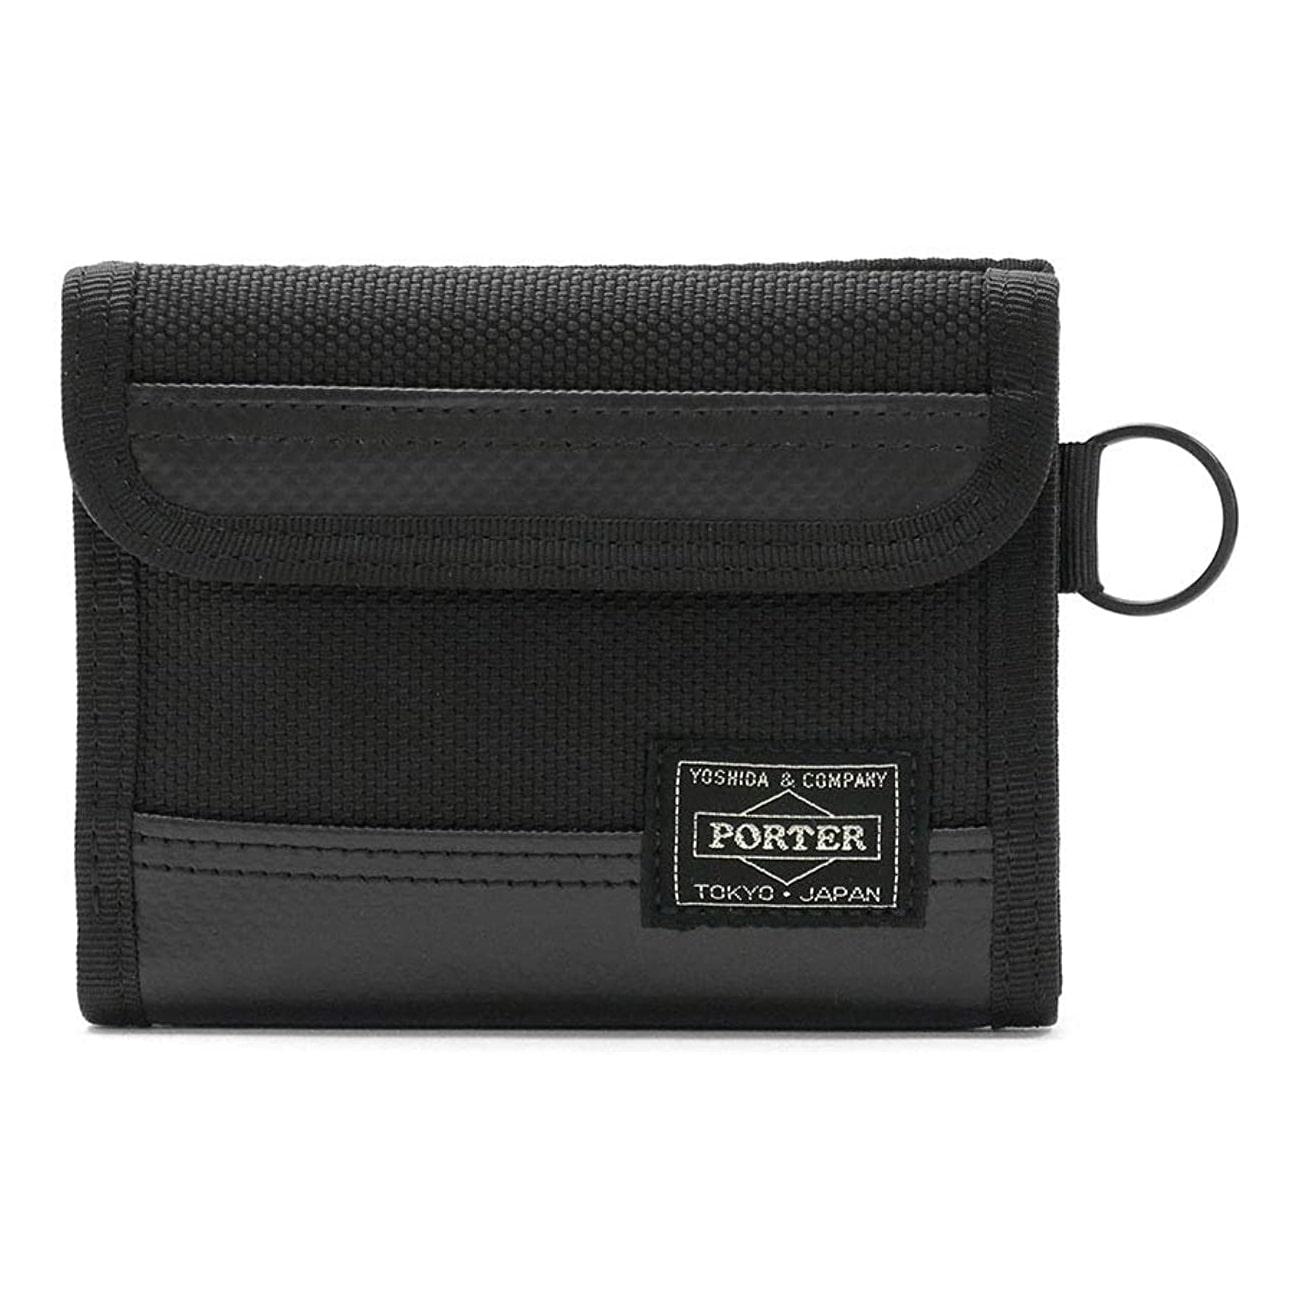 スマートでコンパクトな「ポーター(PORTER)の財布」おすすめ3選&AmazonランキングTOP10!【2021年5月】 | ねとらぼ調査隊